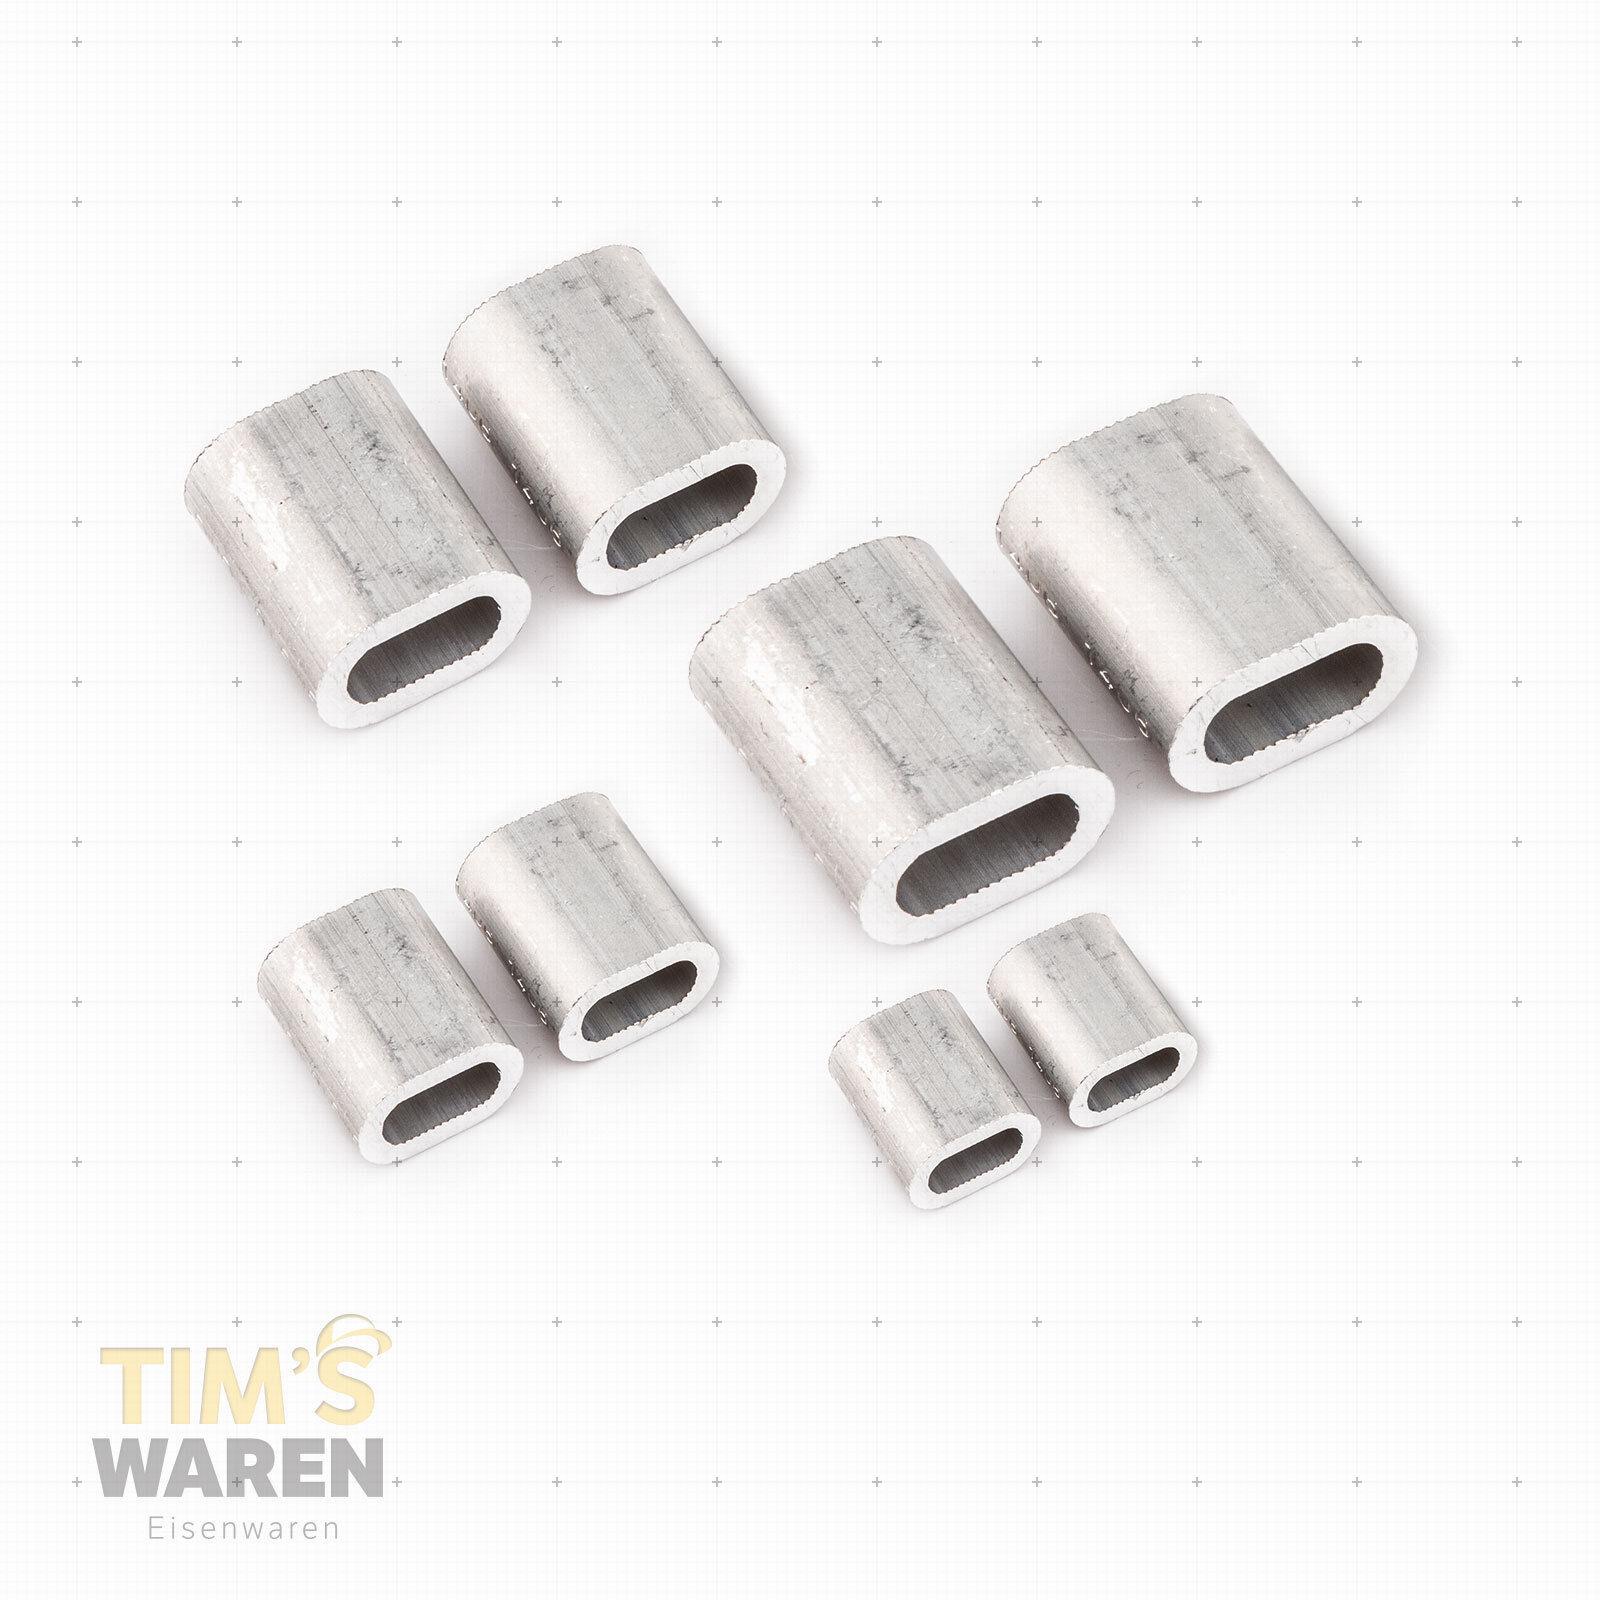 Aluminium Aluminium Aluminium Pressklemmen 10mm Alupressklemmen Seilklemme Stahlseil EN Presshülsen aeb671